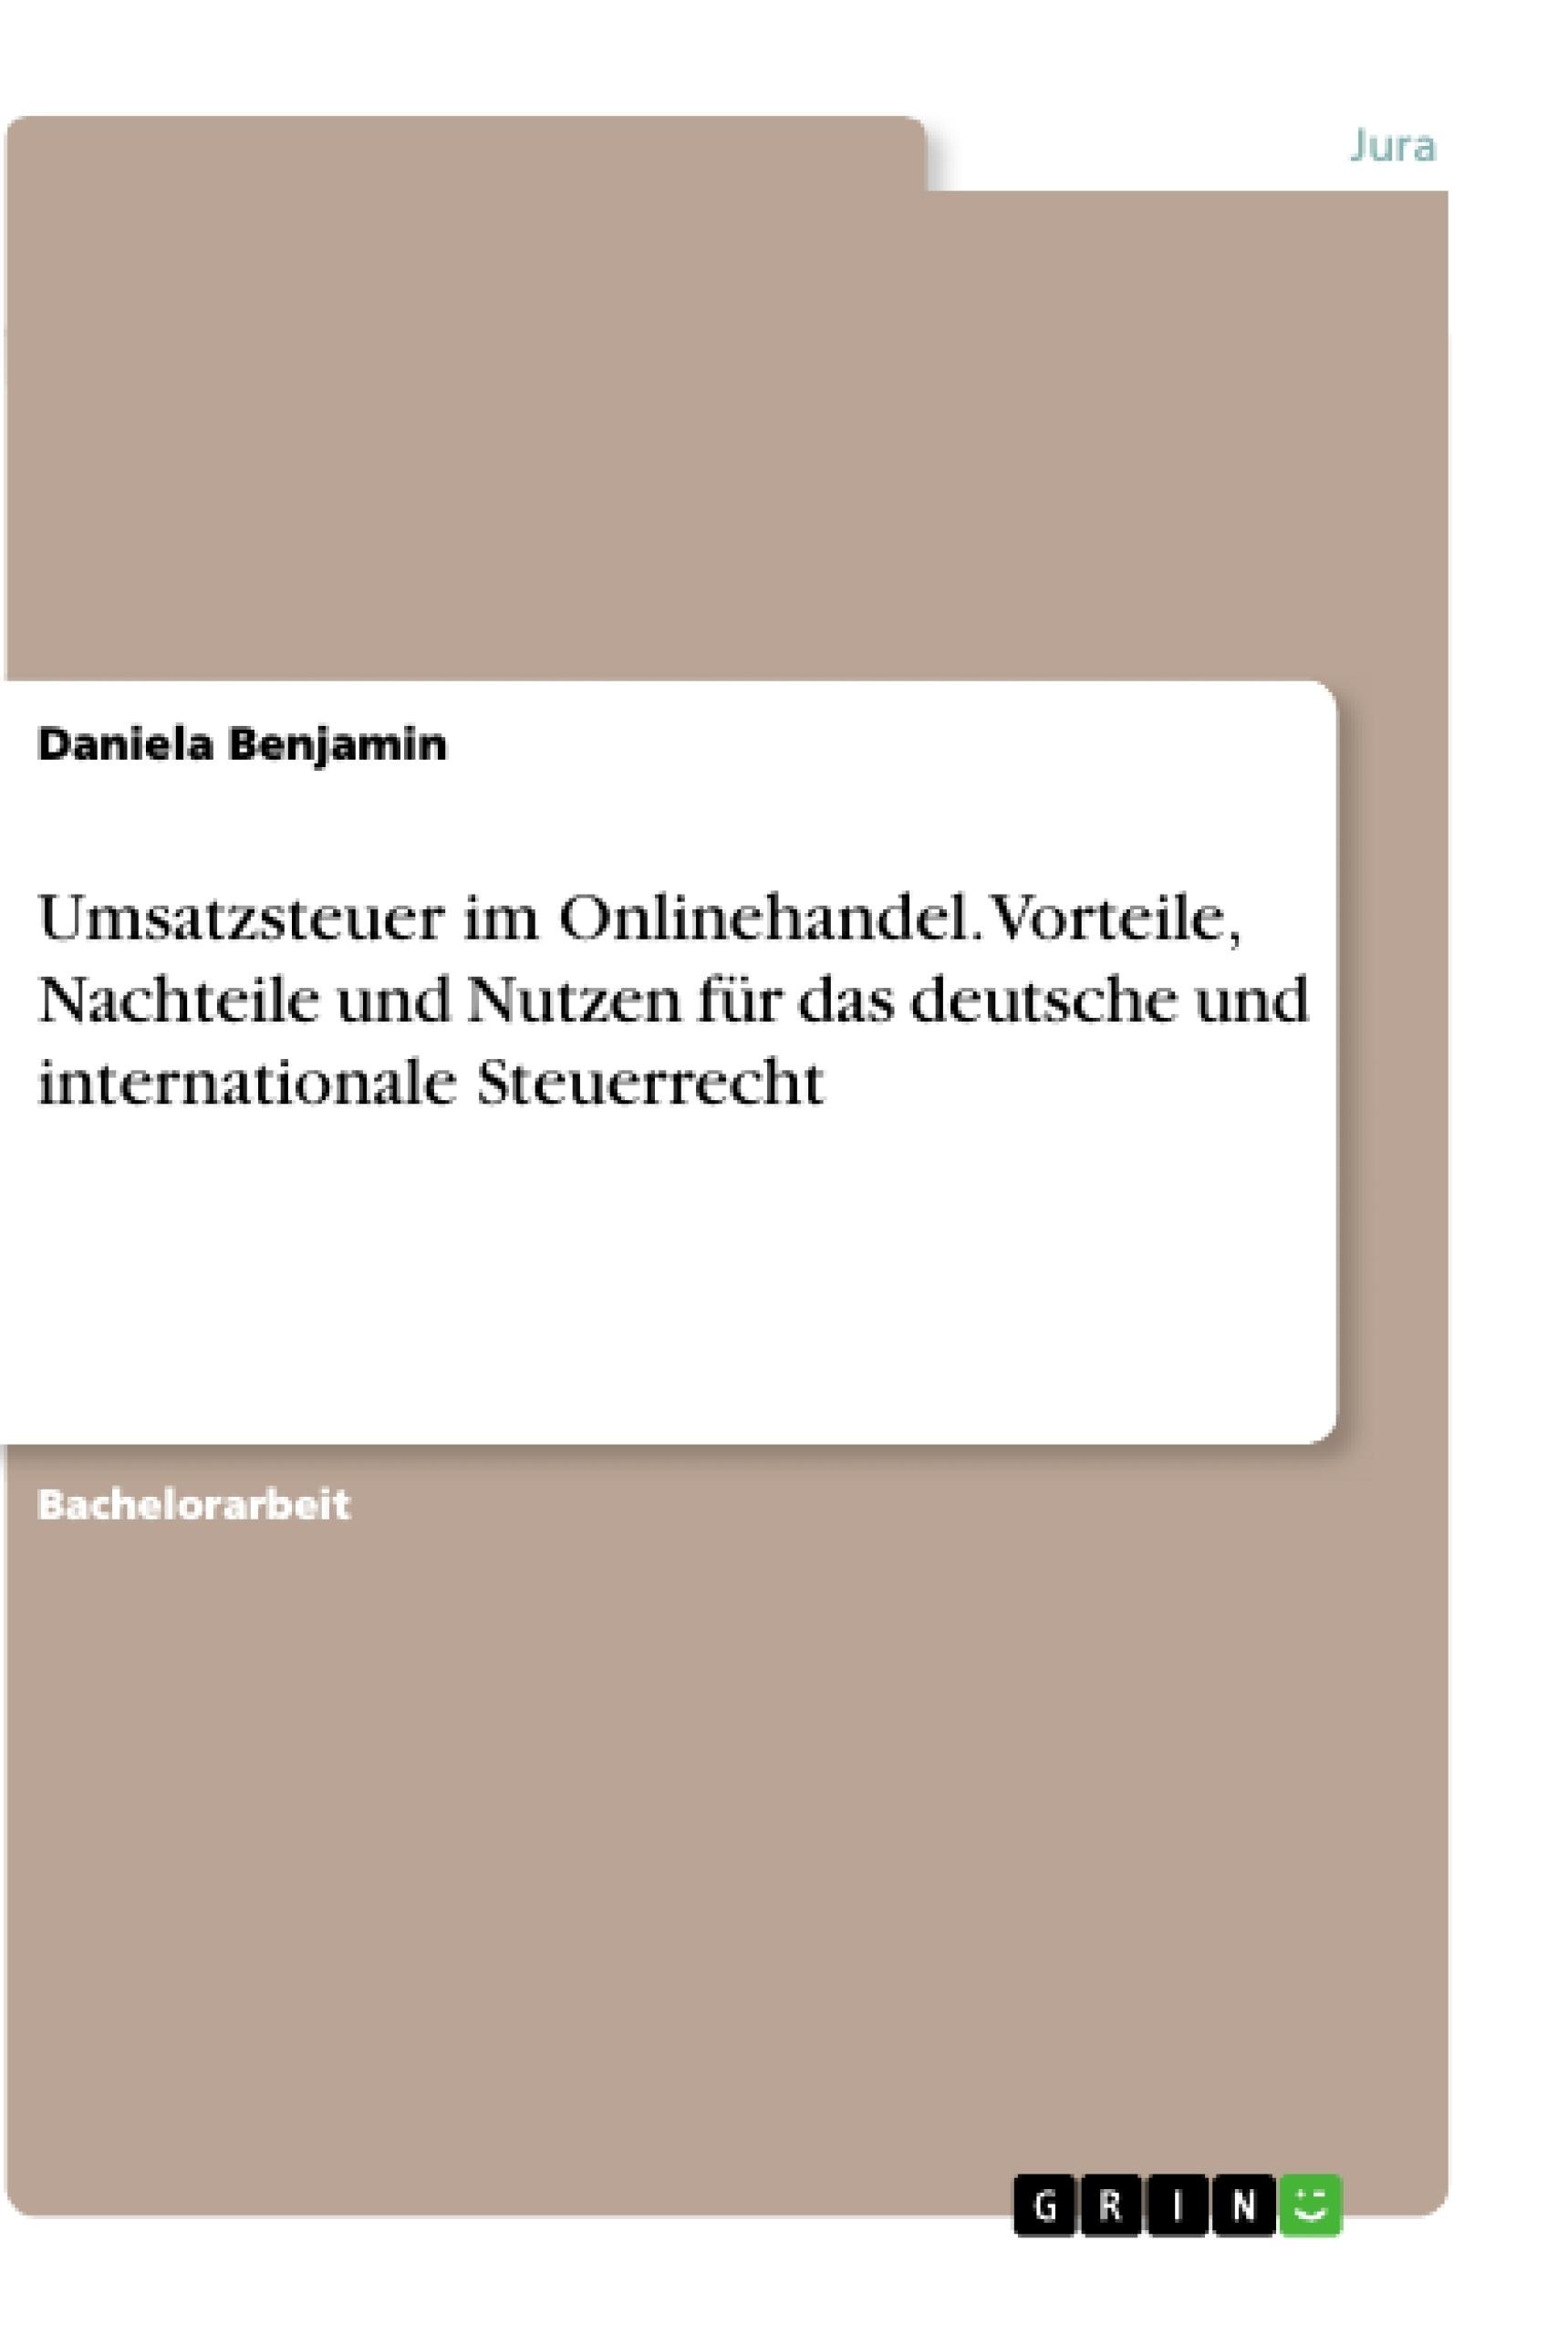 Titel: Umsatzsteuer im Onlinehandel. Vorteile, Nachteile und Nutzen für das deutsche und internationale Steuerrecht